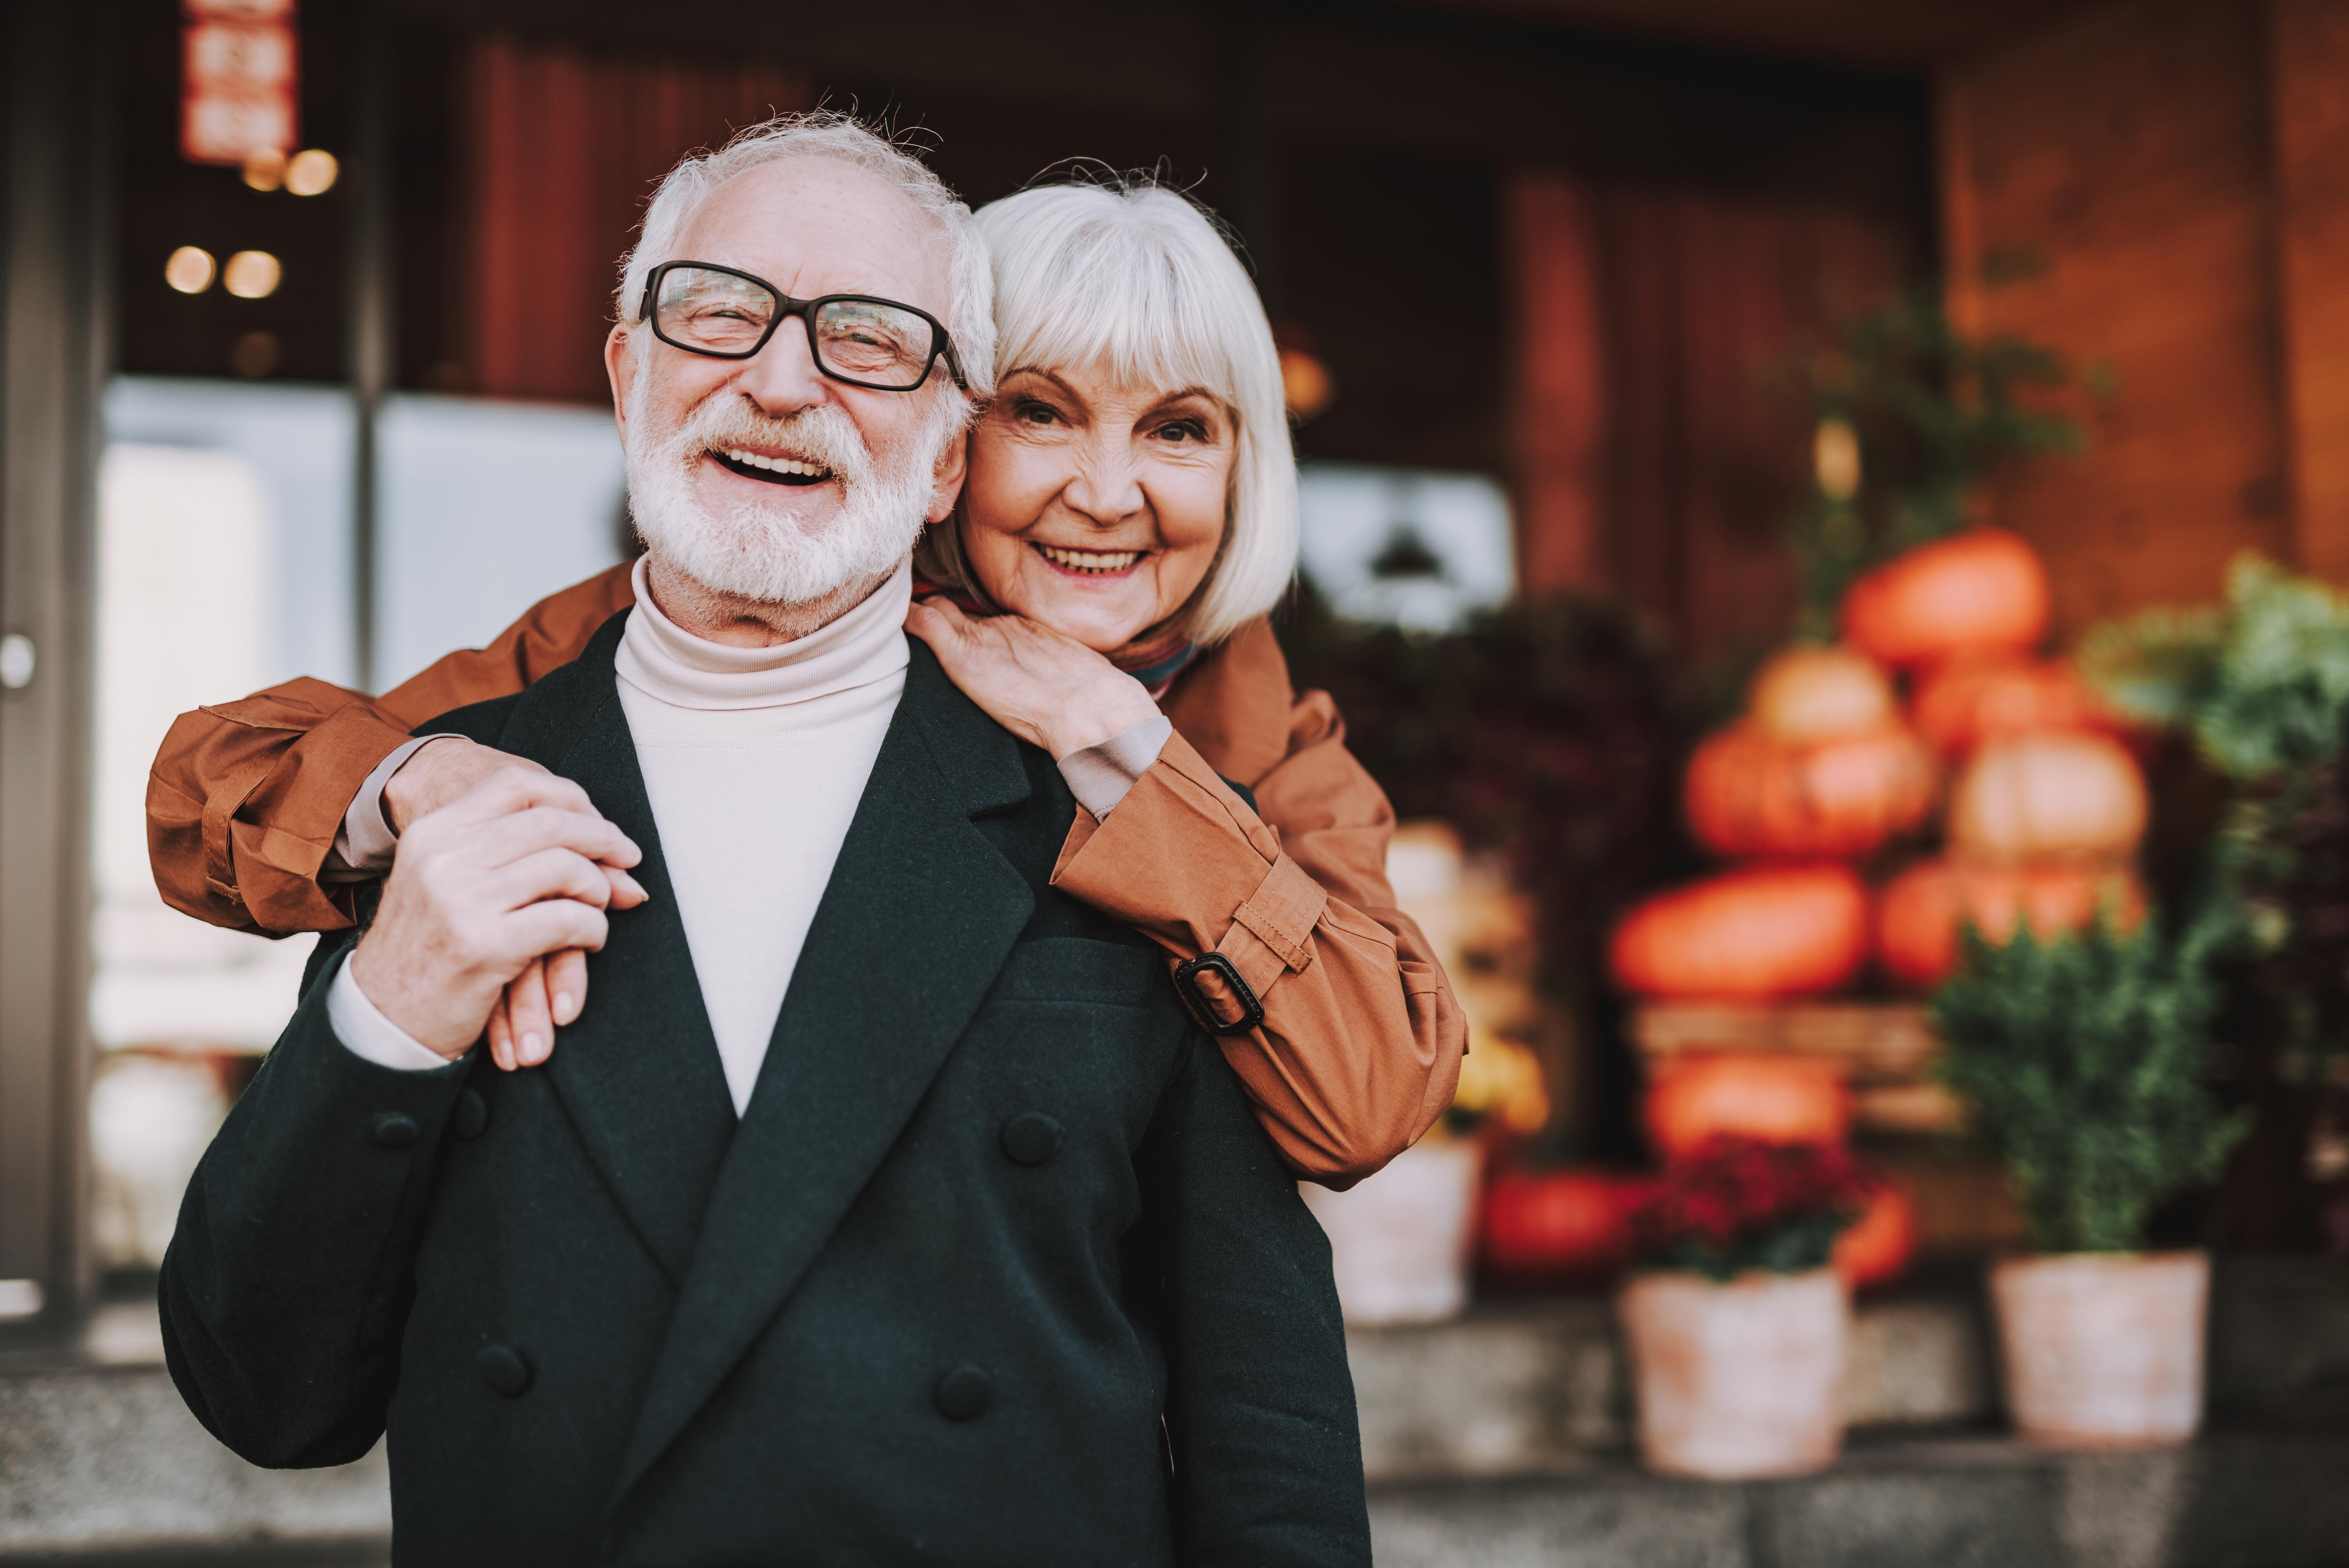 Пенсионеры, которые могут переехать в Израиль на ПМЖ